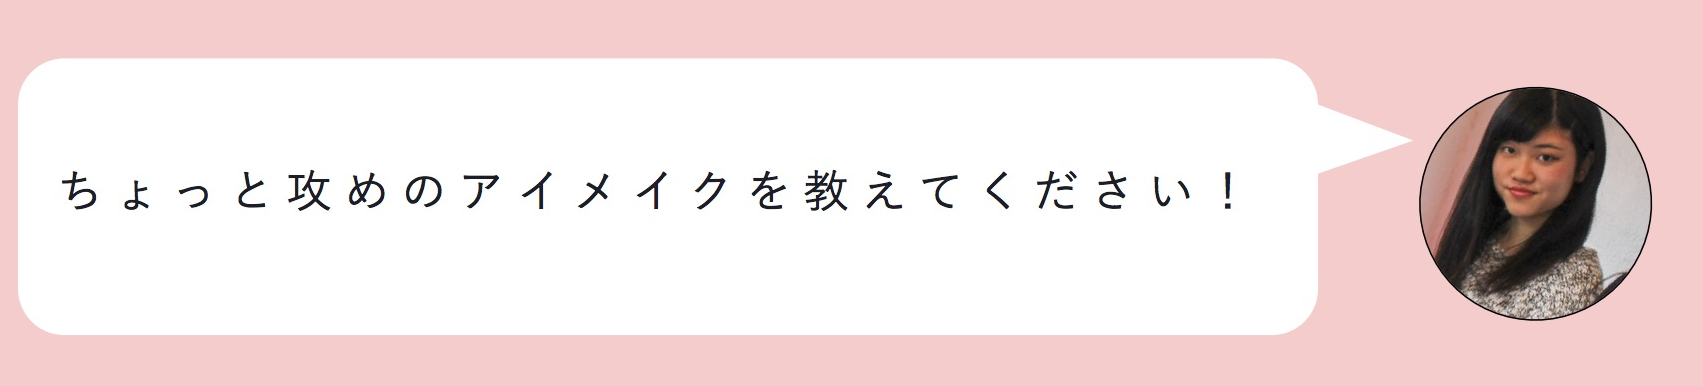 ari_chan01